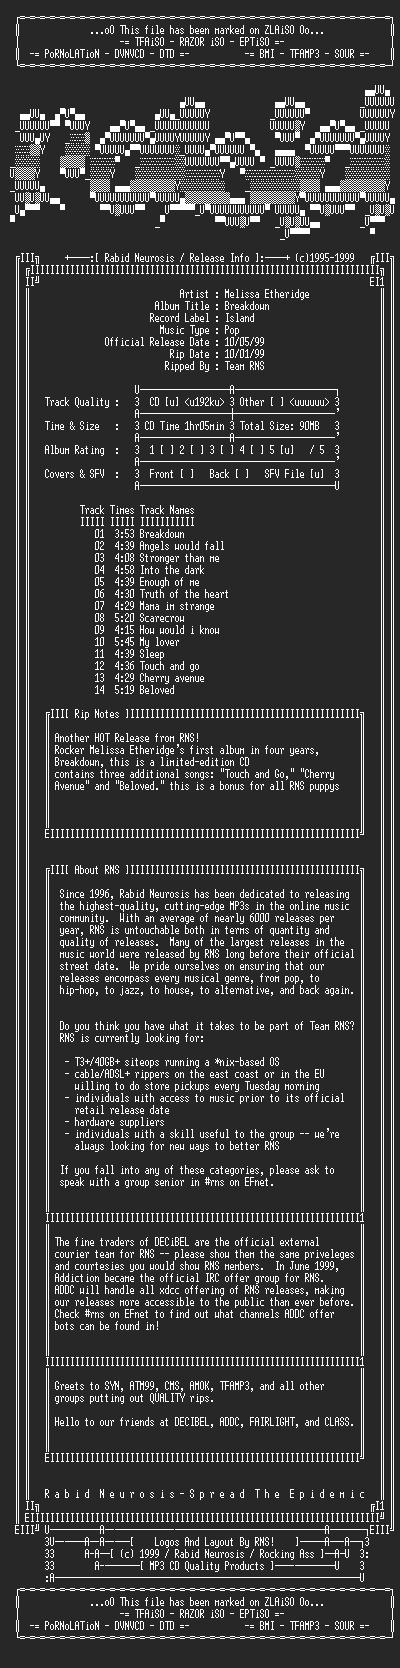 NFO file for Melissa_Etheridge-Breakdown-1999-RNS